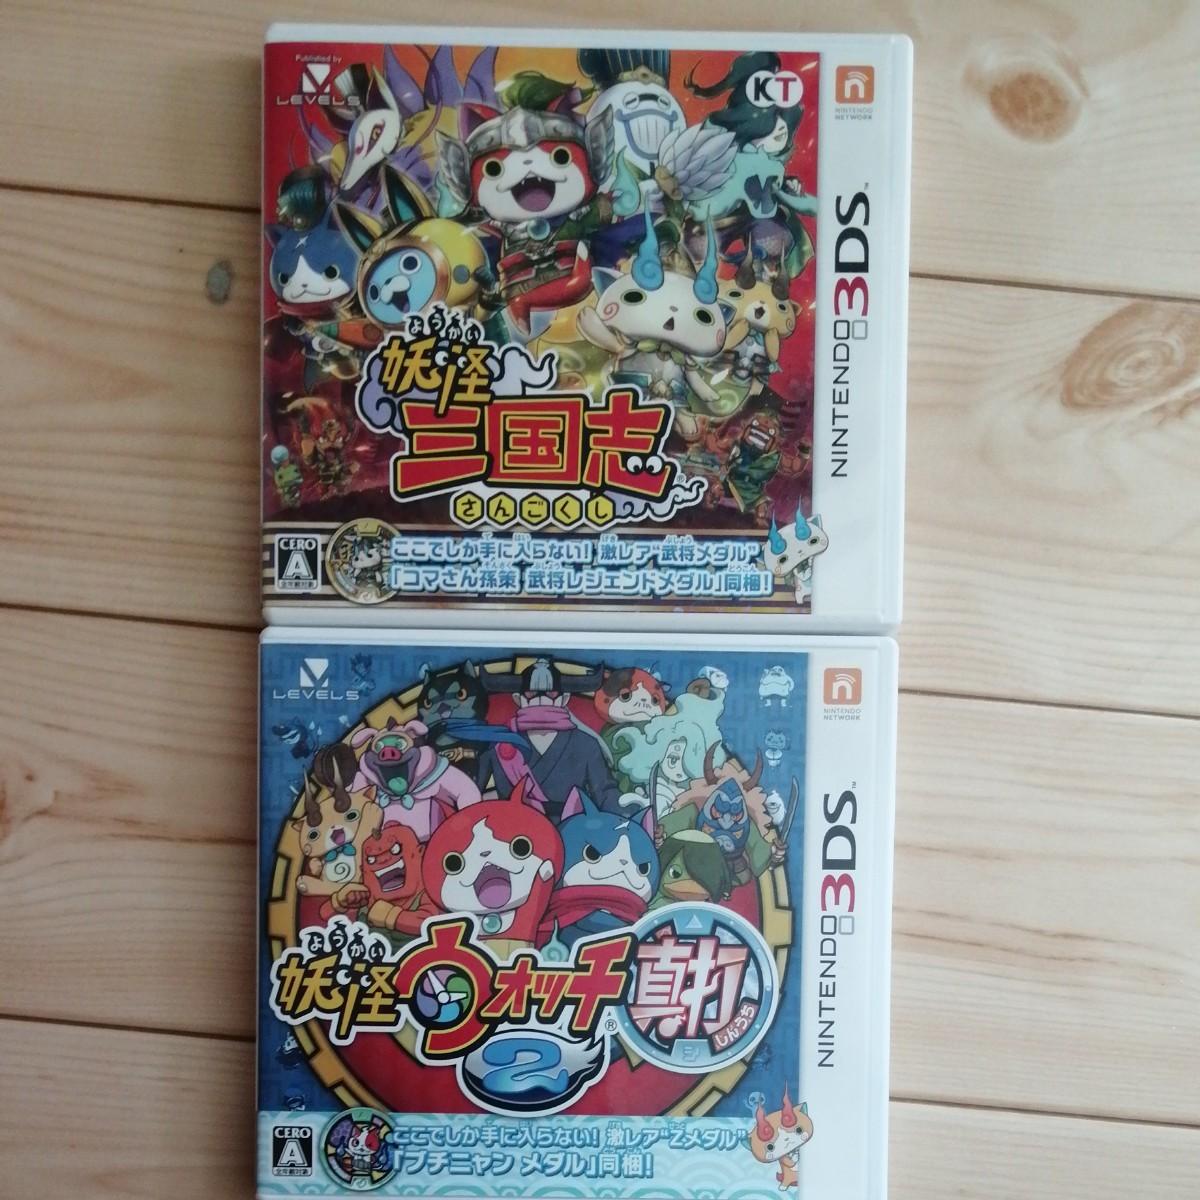 妖怪ウォッチ  妖怪三国志  真打   3DS ソフト  セット  ケース付  メダルなし